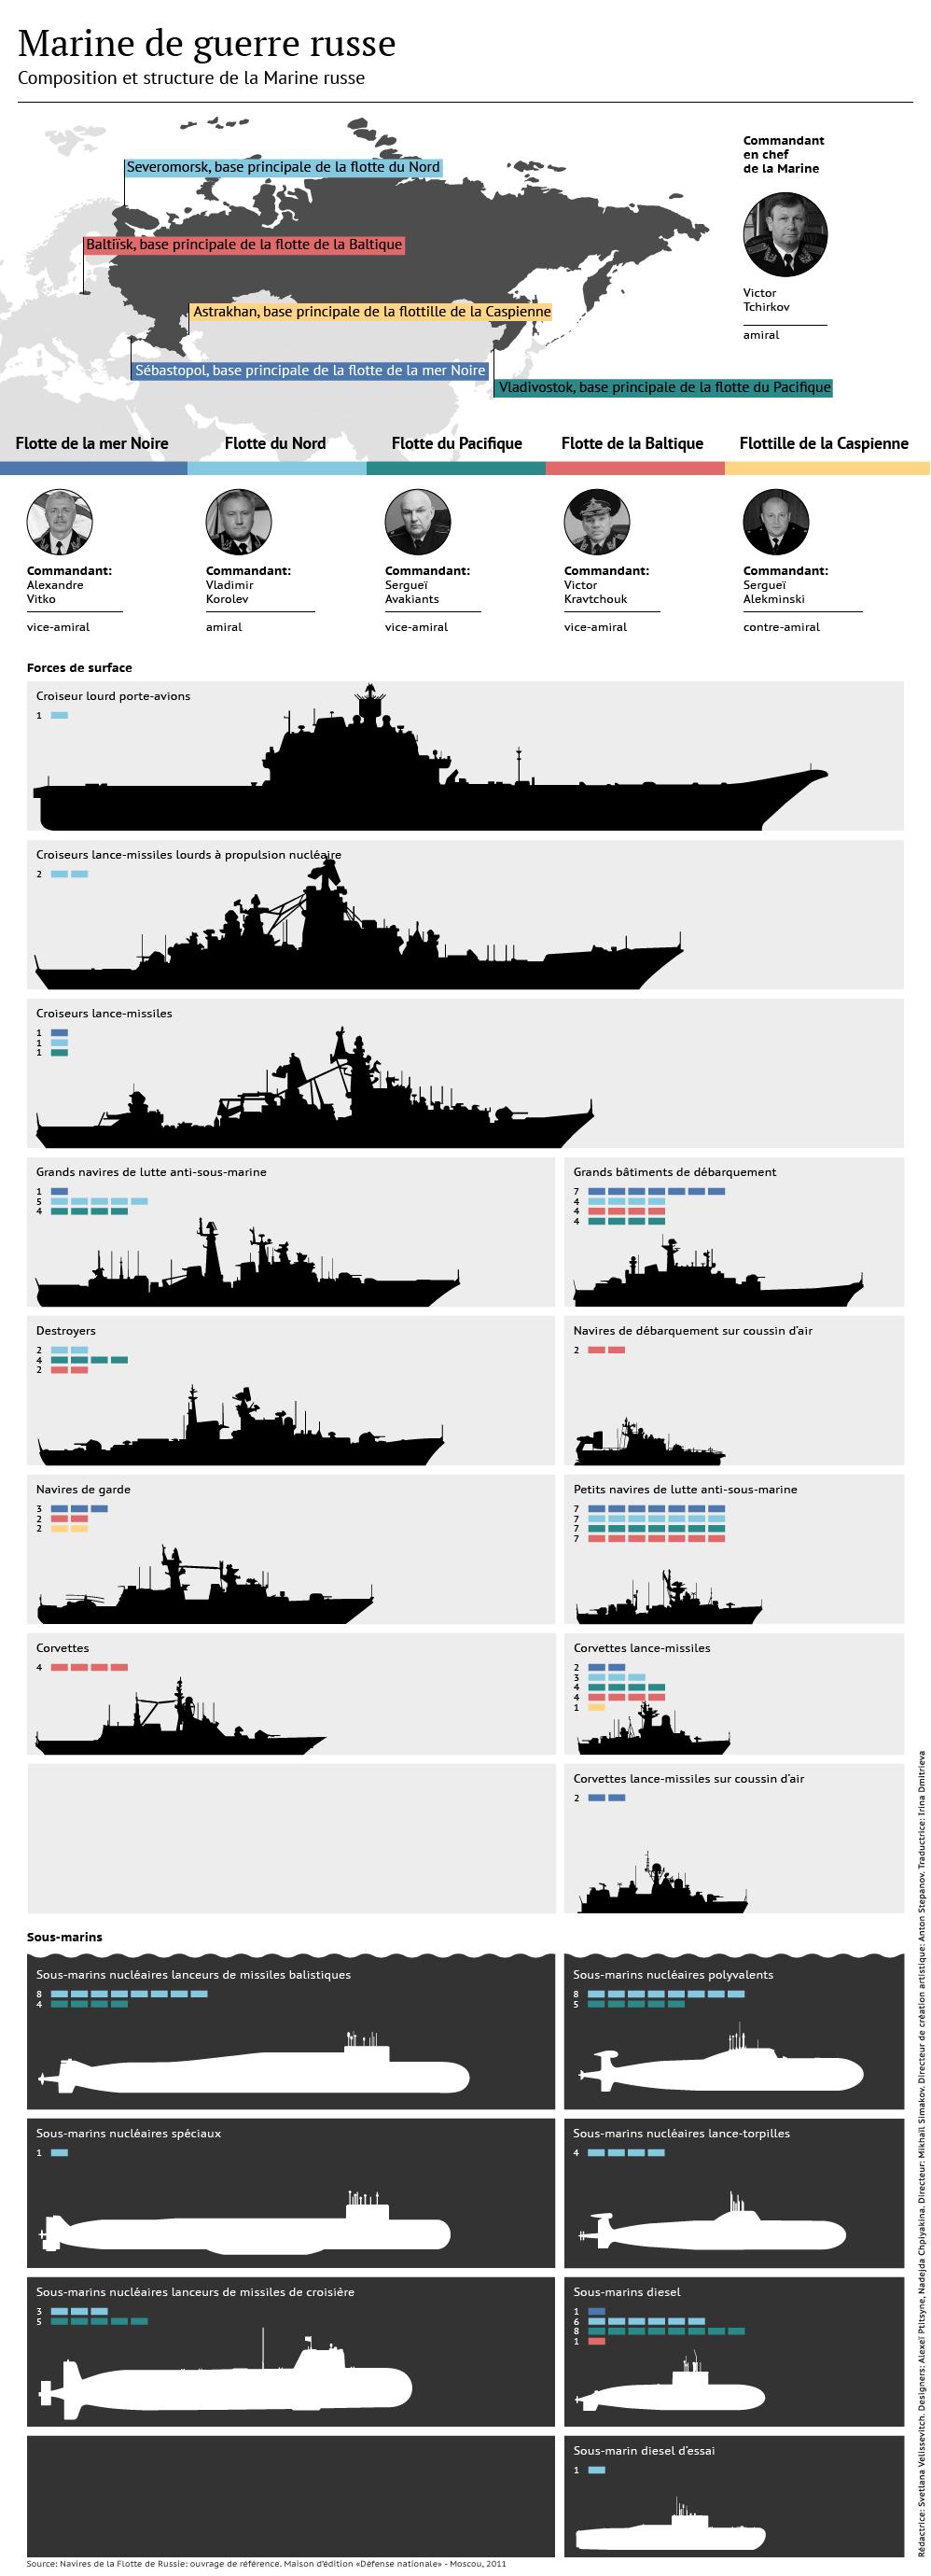 Marine russe: composition et armements